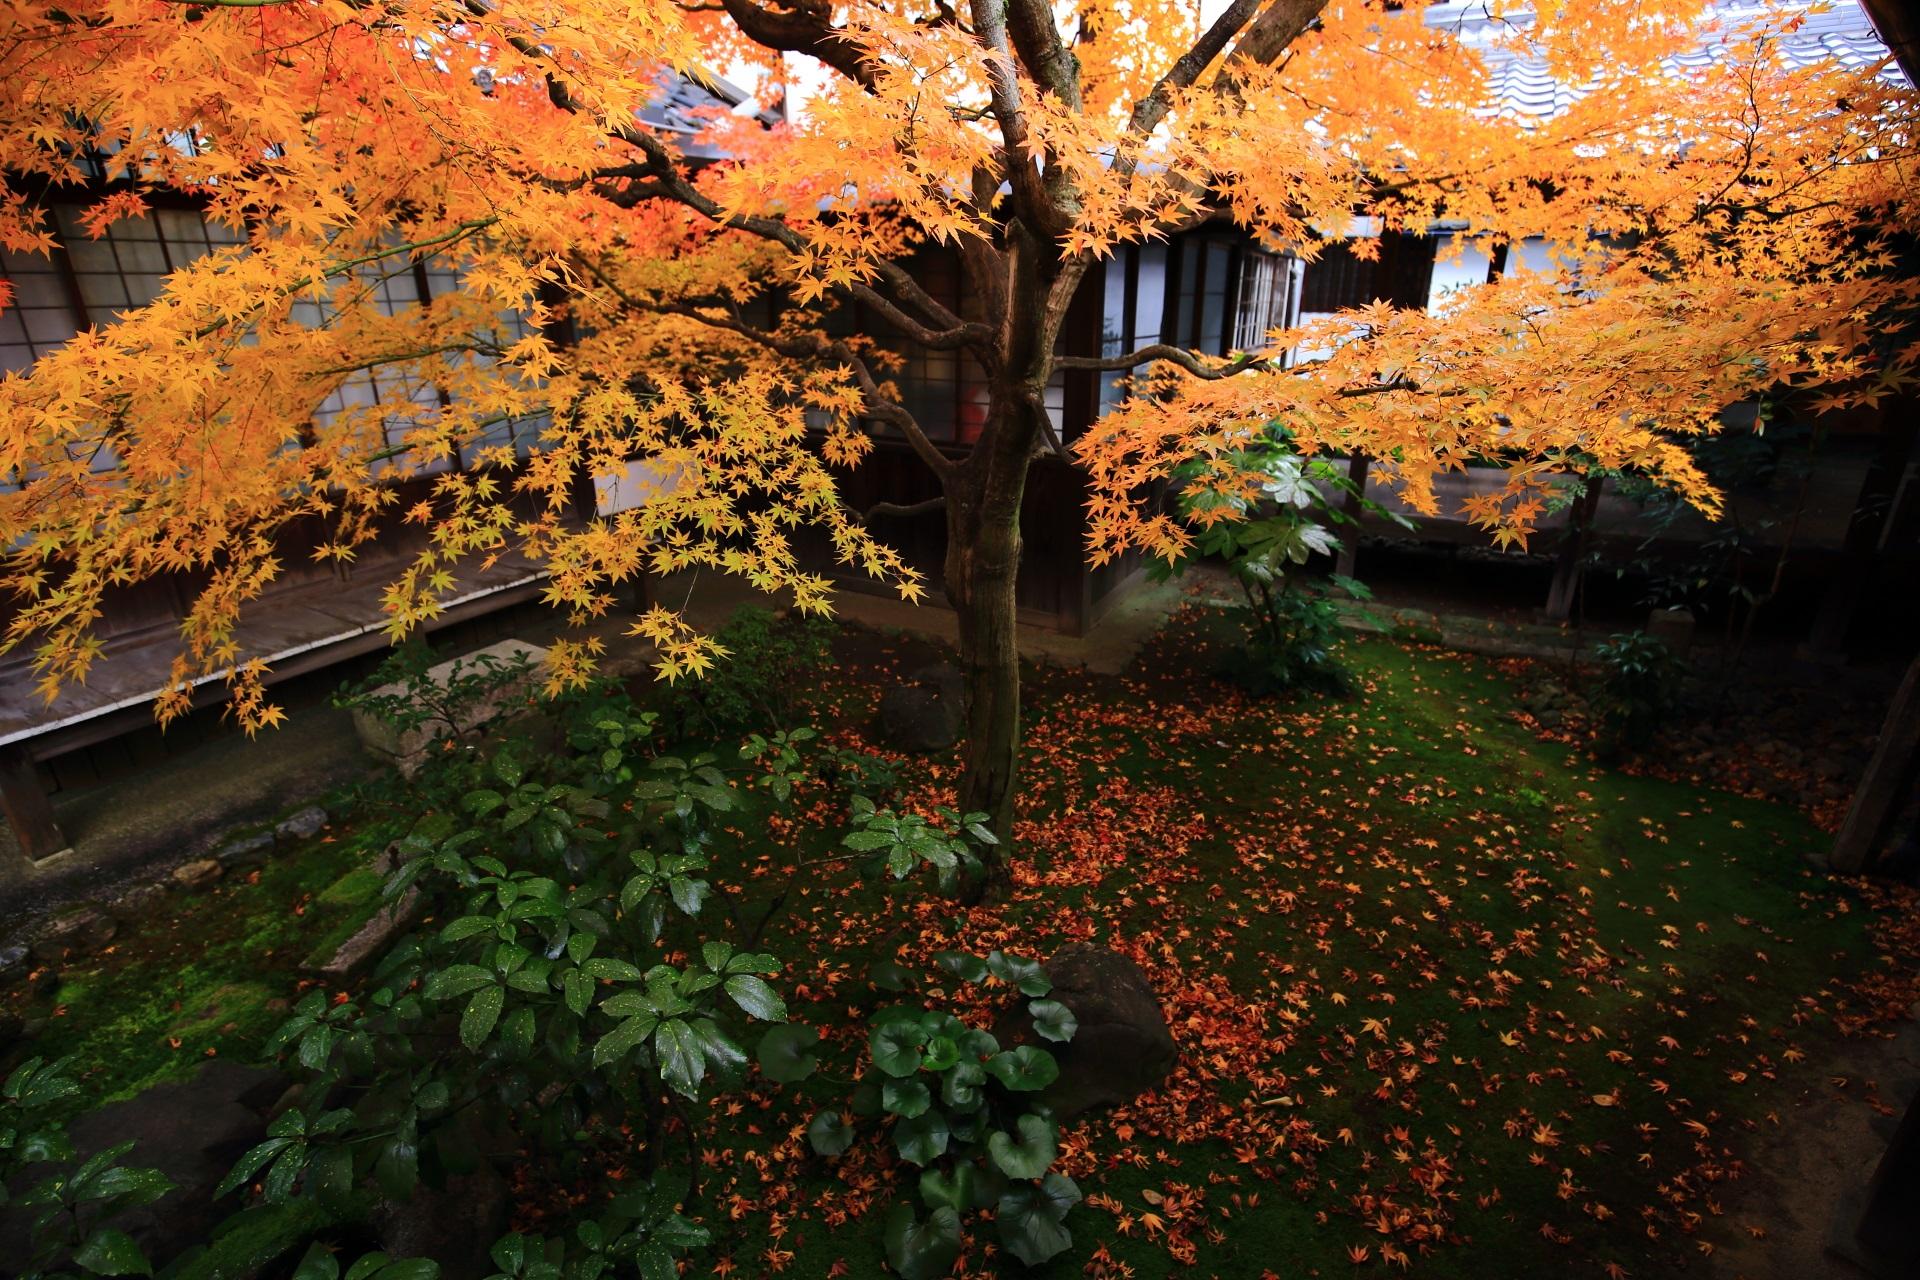 本法寺の多種多様な緑を彩る煌びやかな紅葉